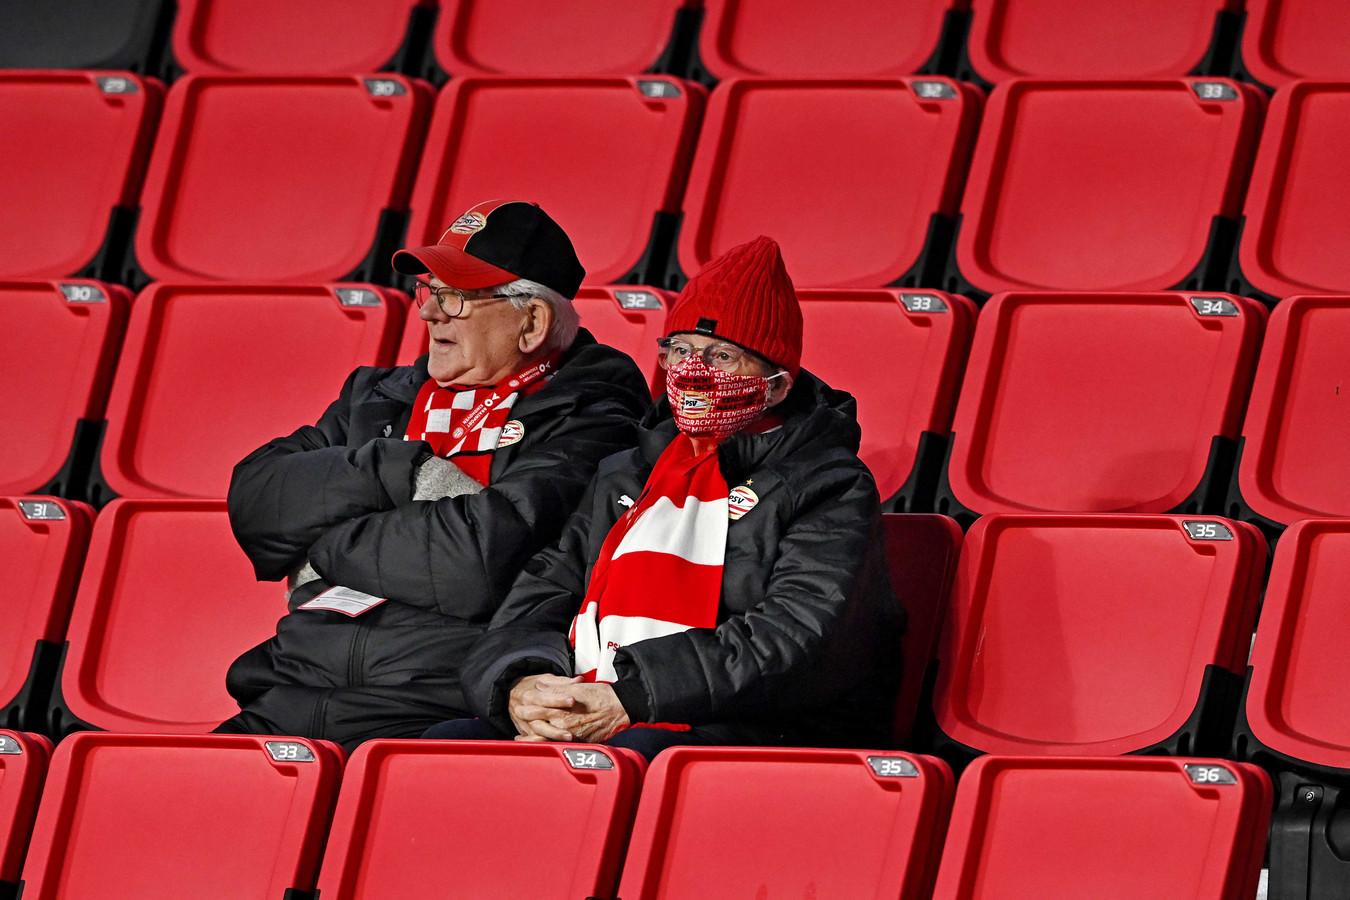 Johannes en Anneke Vernooij uit Eindhoven genieten momenteel als leden van de prikploeg het privilege dat ze tijdens wedstrijden in het Philips Stadion mogen zijn.